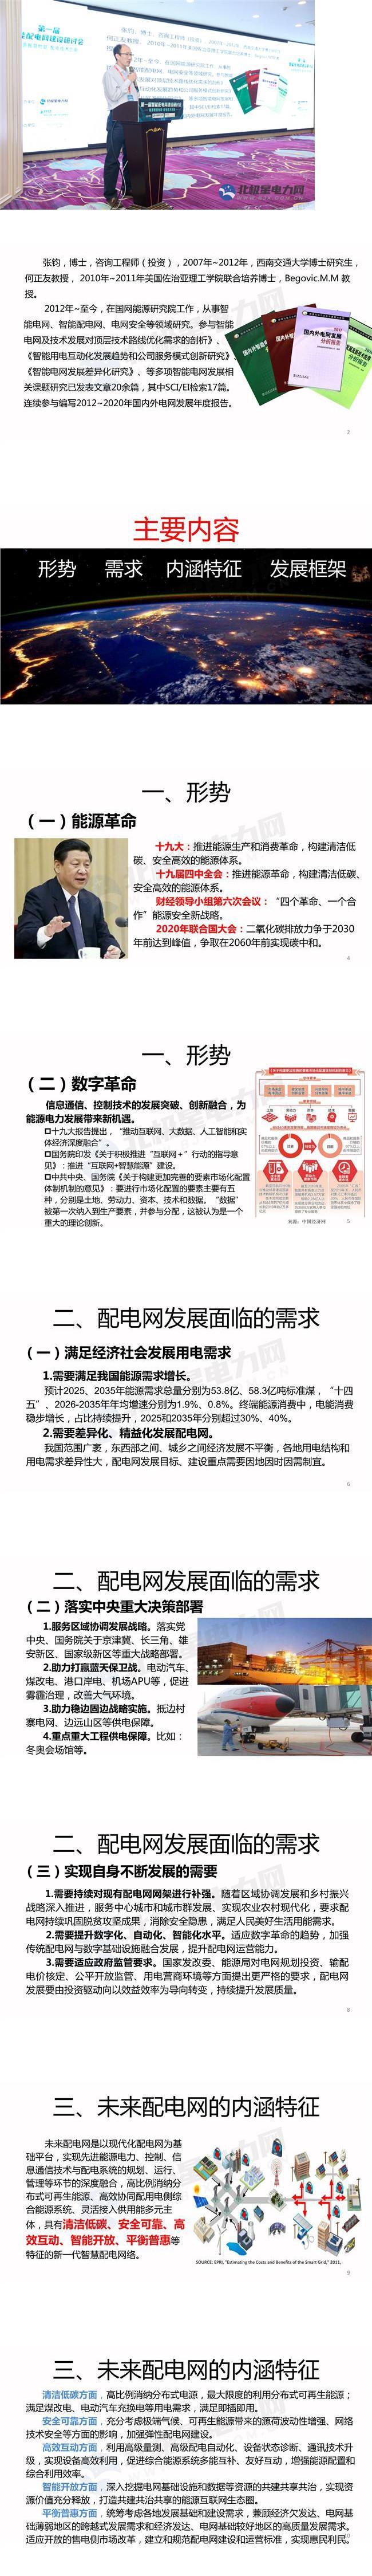 张钧:未来配电网内涵特征与发展框架研究